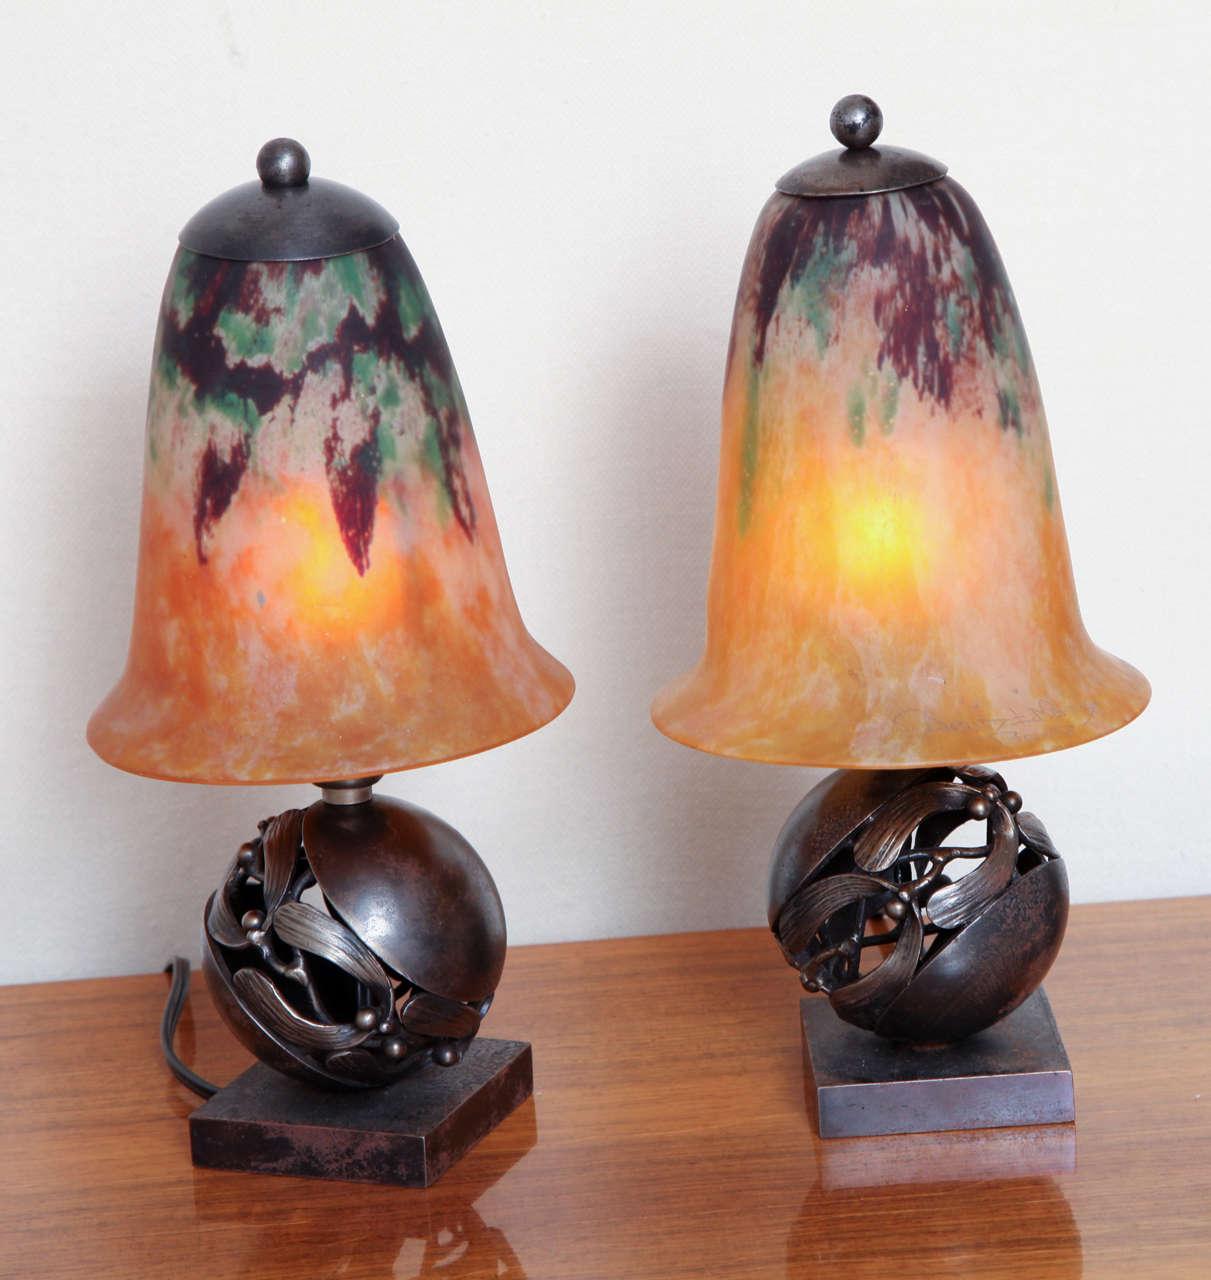 Pair of edgar brandt daum art deco table lamps paul stamati pair of edgar brandt daum art deco table lamps paul stamati gallery geotapseo Images